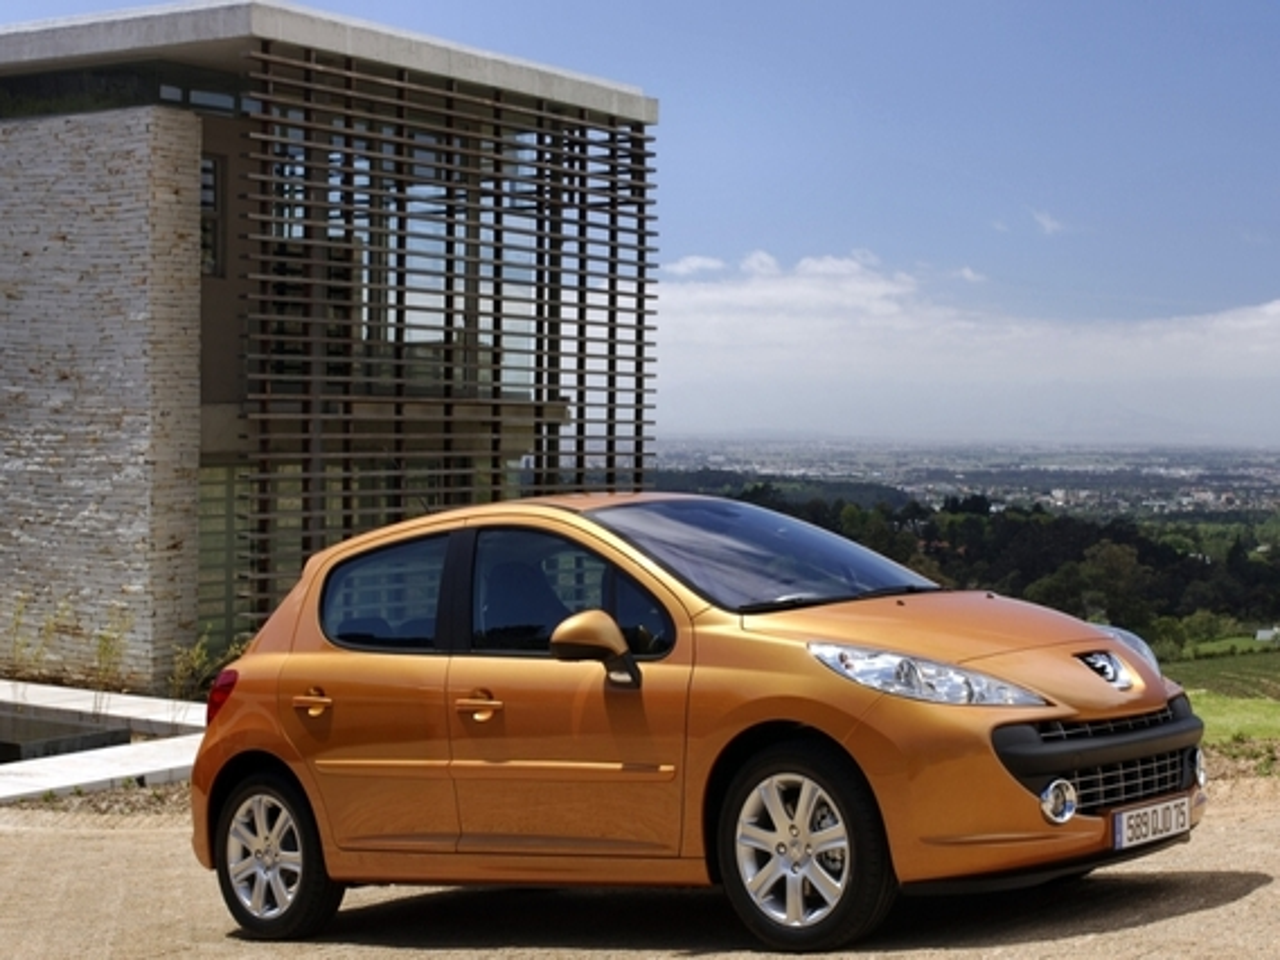 На Peugeot 207 нет ни передних, ни задних брызговиков